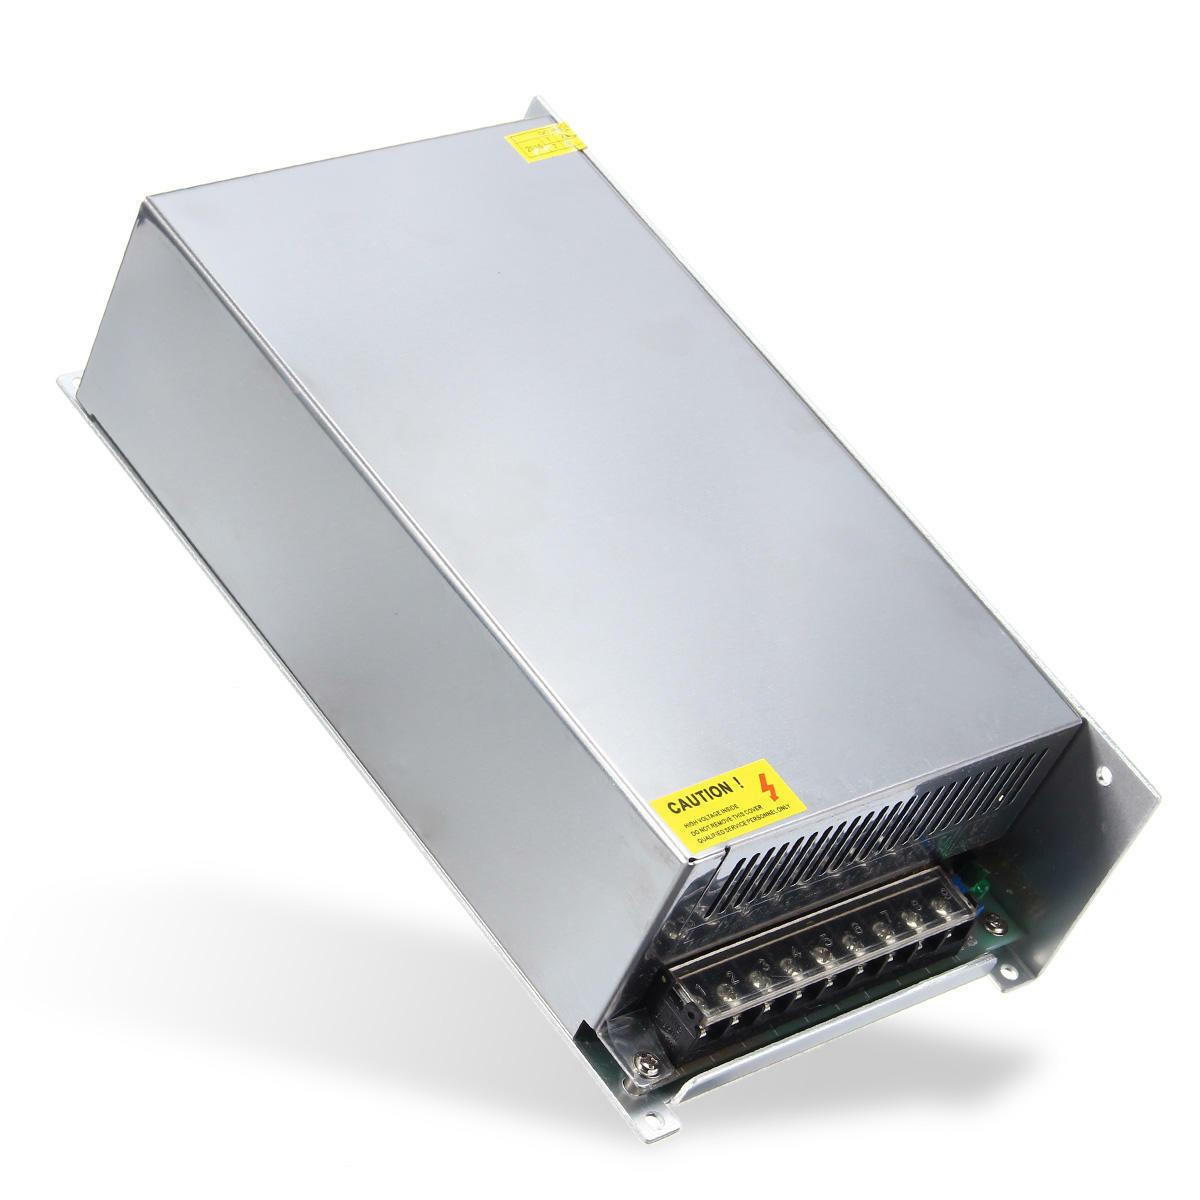 DC 70V/80V/90V 800W 1000W 1200W 1500W Switching Power Supply